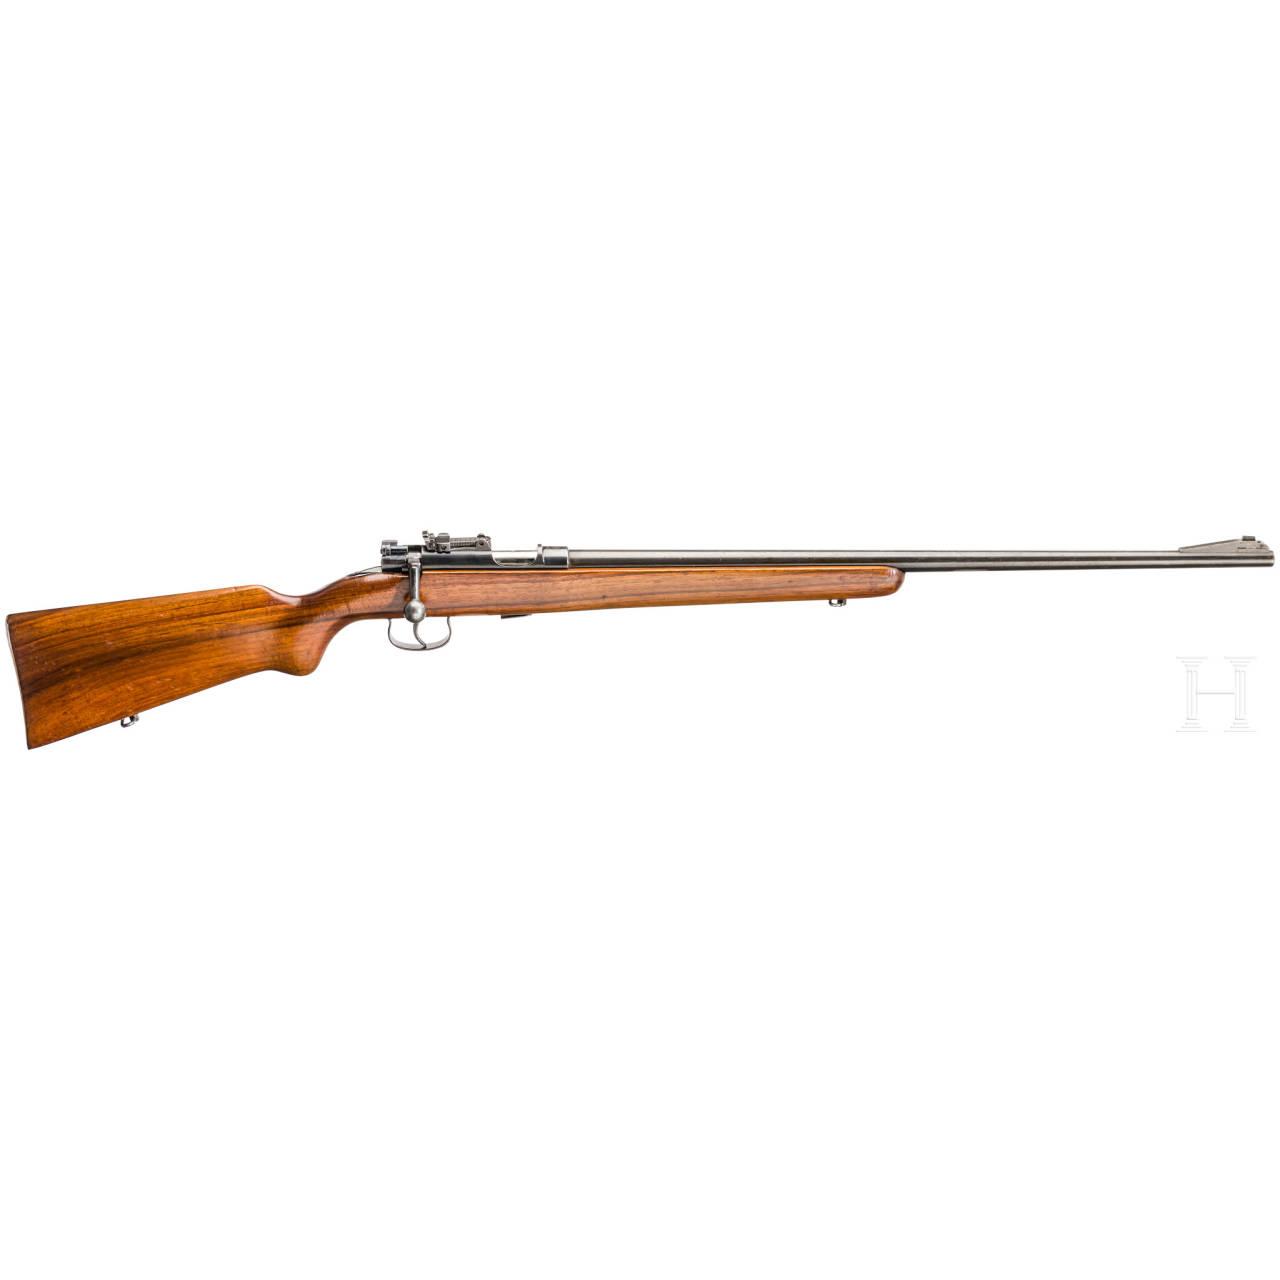 Wehrsportgewehr Mauser Mod. 45